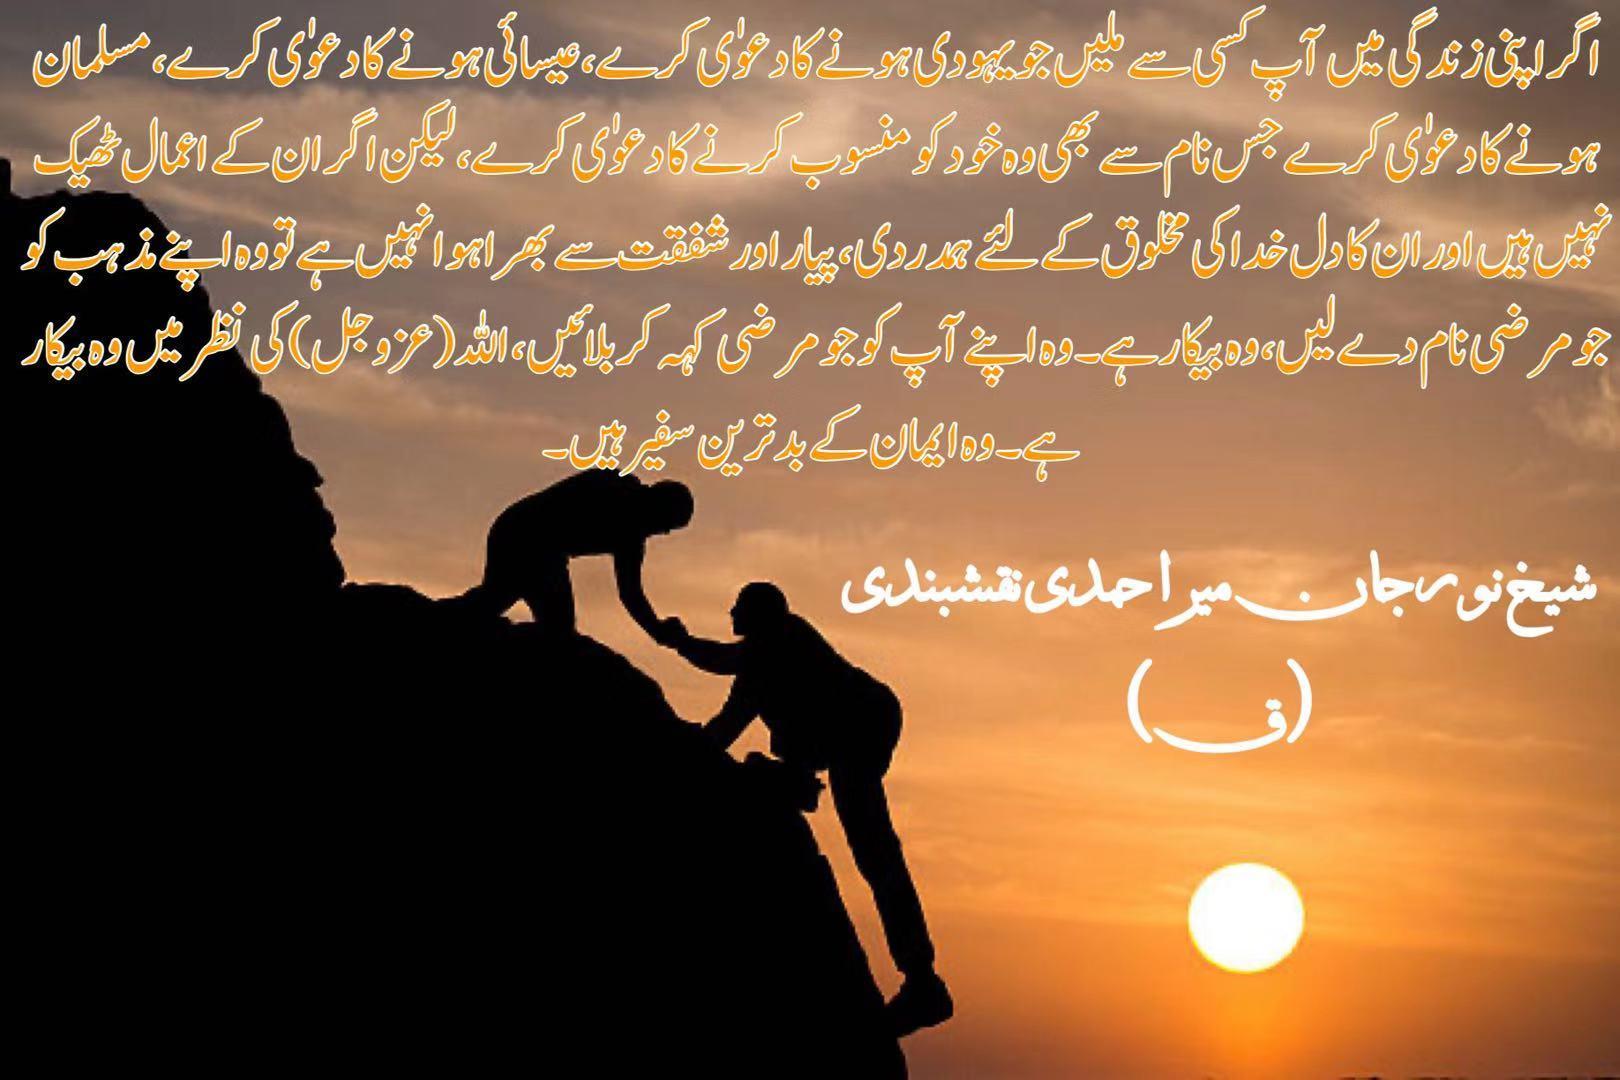 شیخ نور جان میر احمدی نقشبندی (ق) کے 22 نومبر، 2019 کے خطاب سے اقتباس۔  بِسْمِ ا...